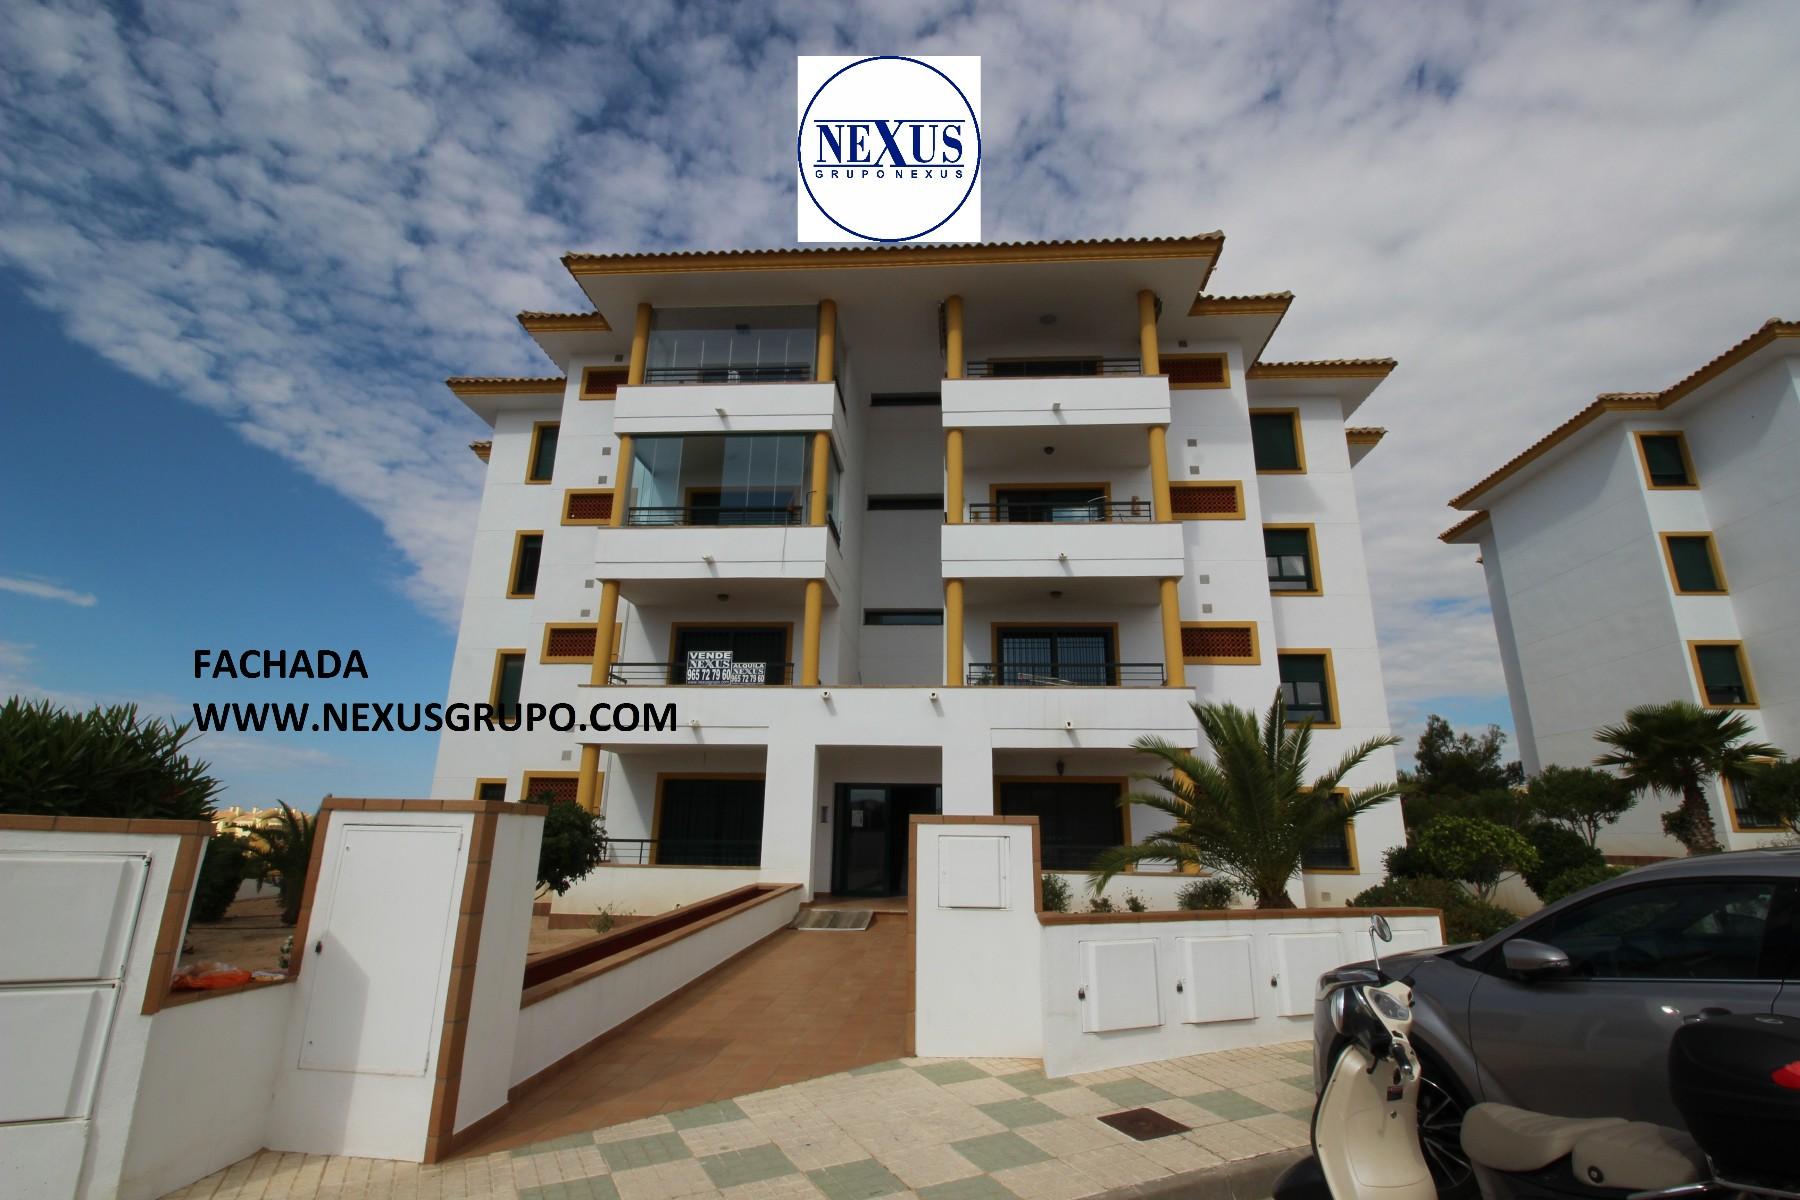 2 bedroom Apartament in Orihuela Costa in Nexus Grupo